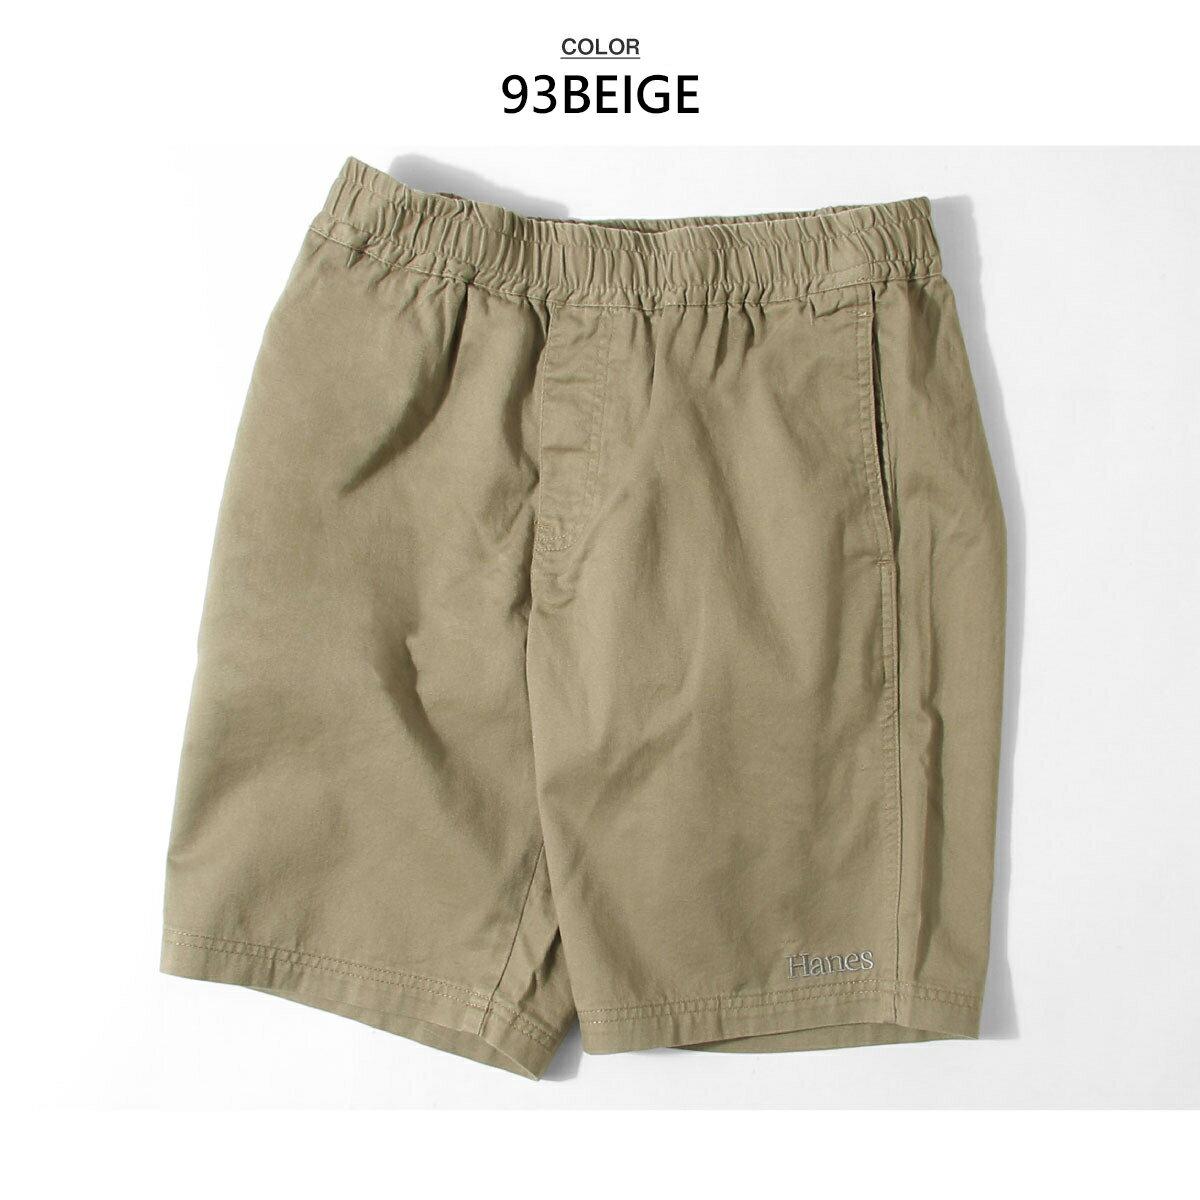 HANES直筒鬆緊短褲 對應大尺碼 5